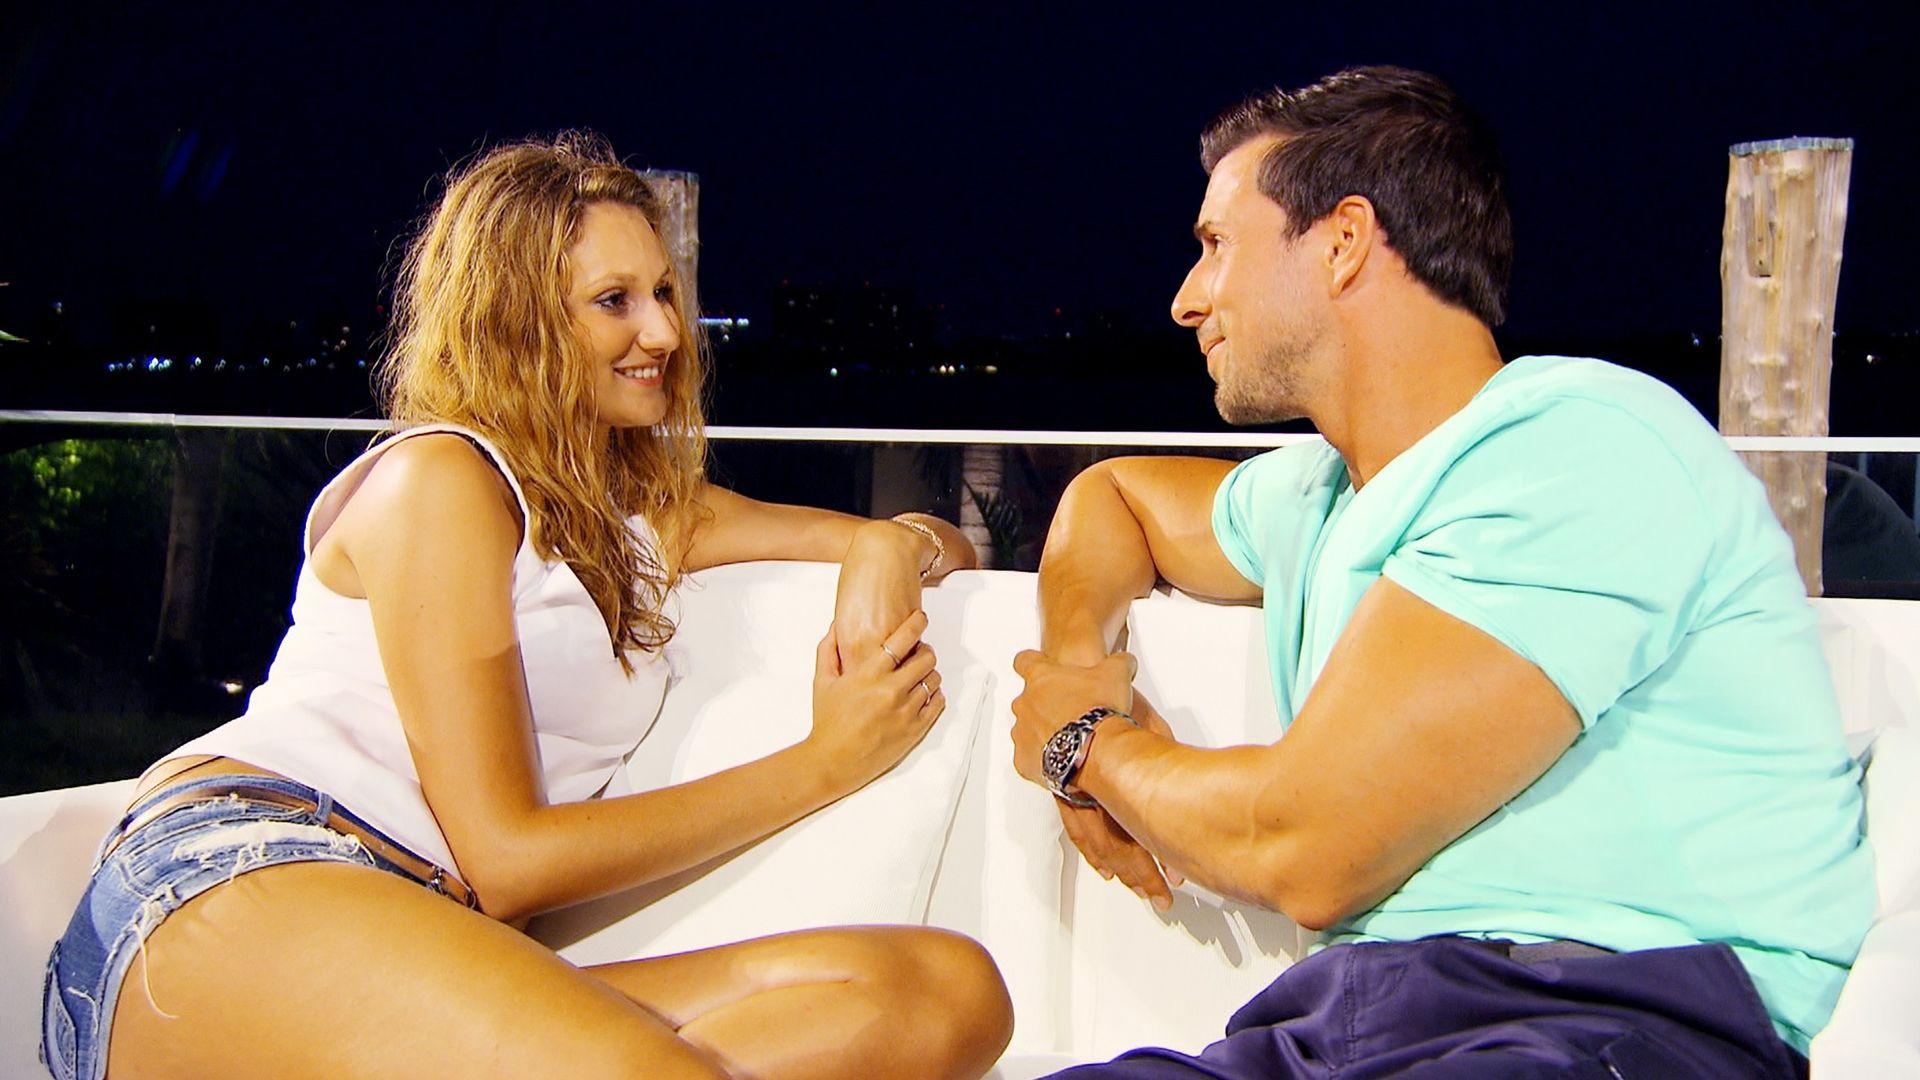 Altersunterschied zwischen erwachsenen und dating